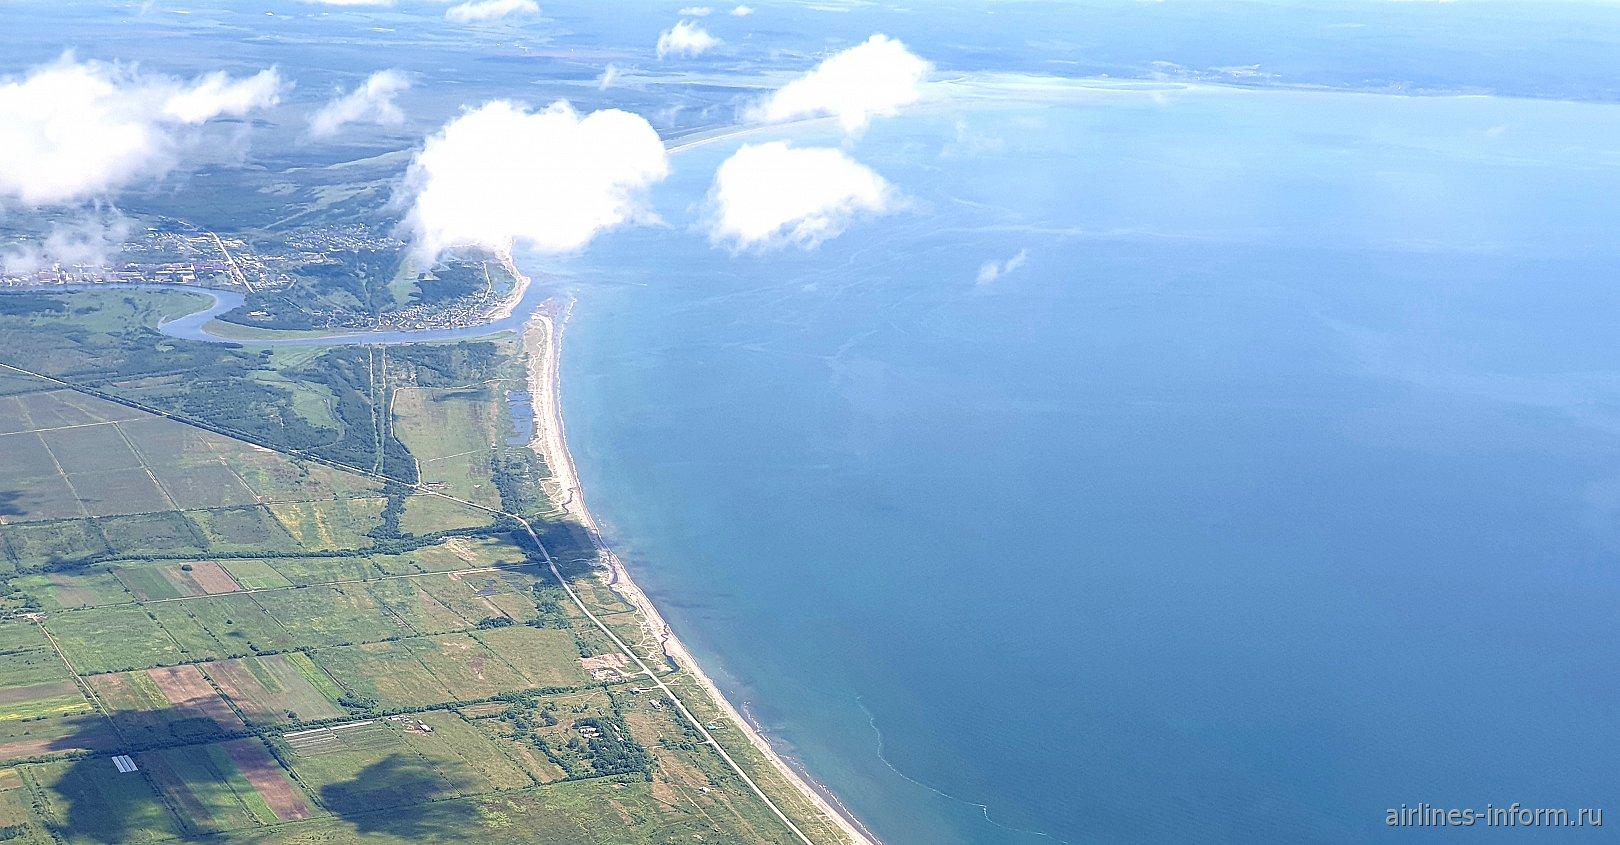 Анивский залив на острове Сахалин